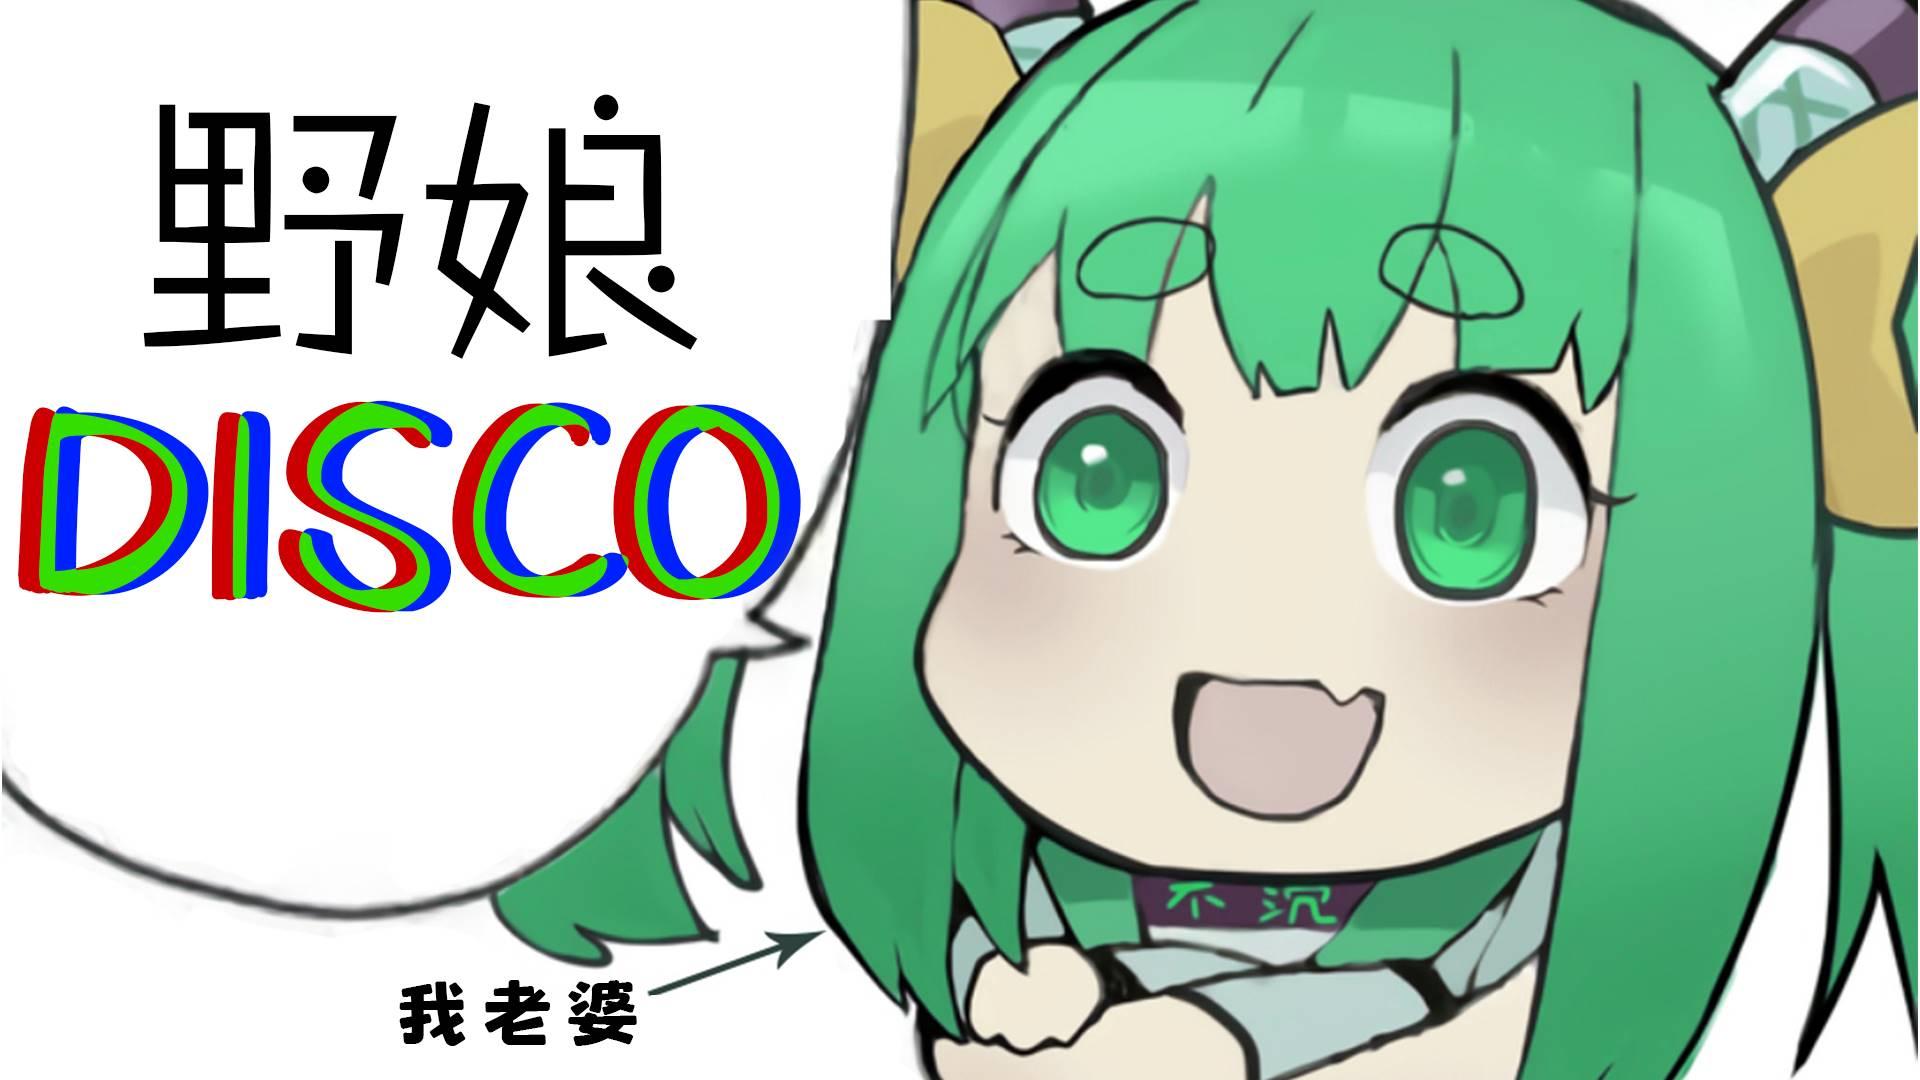 【芦苇娘】野狼disco